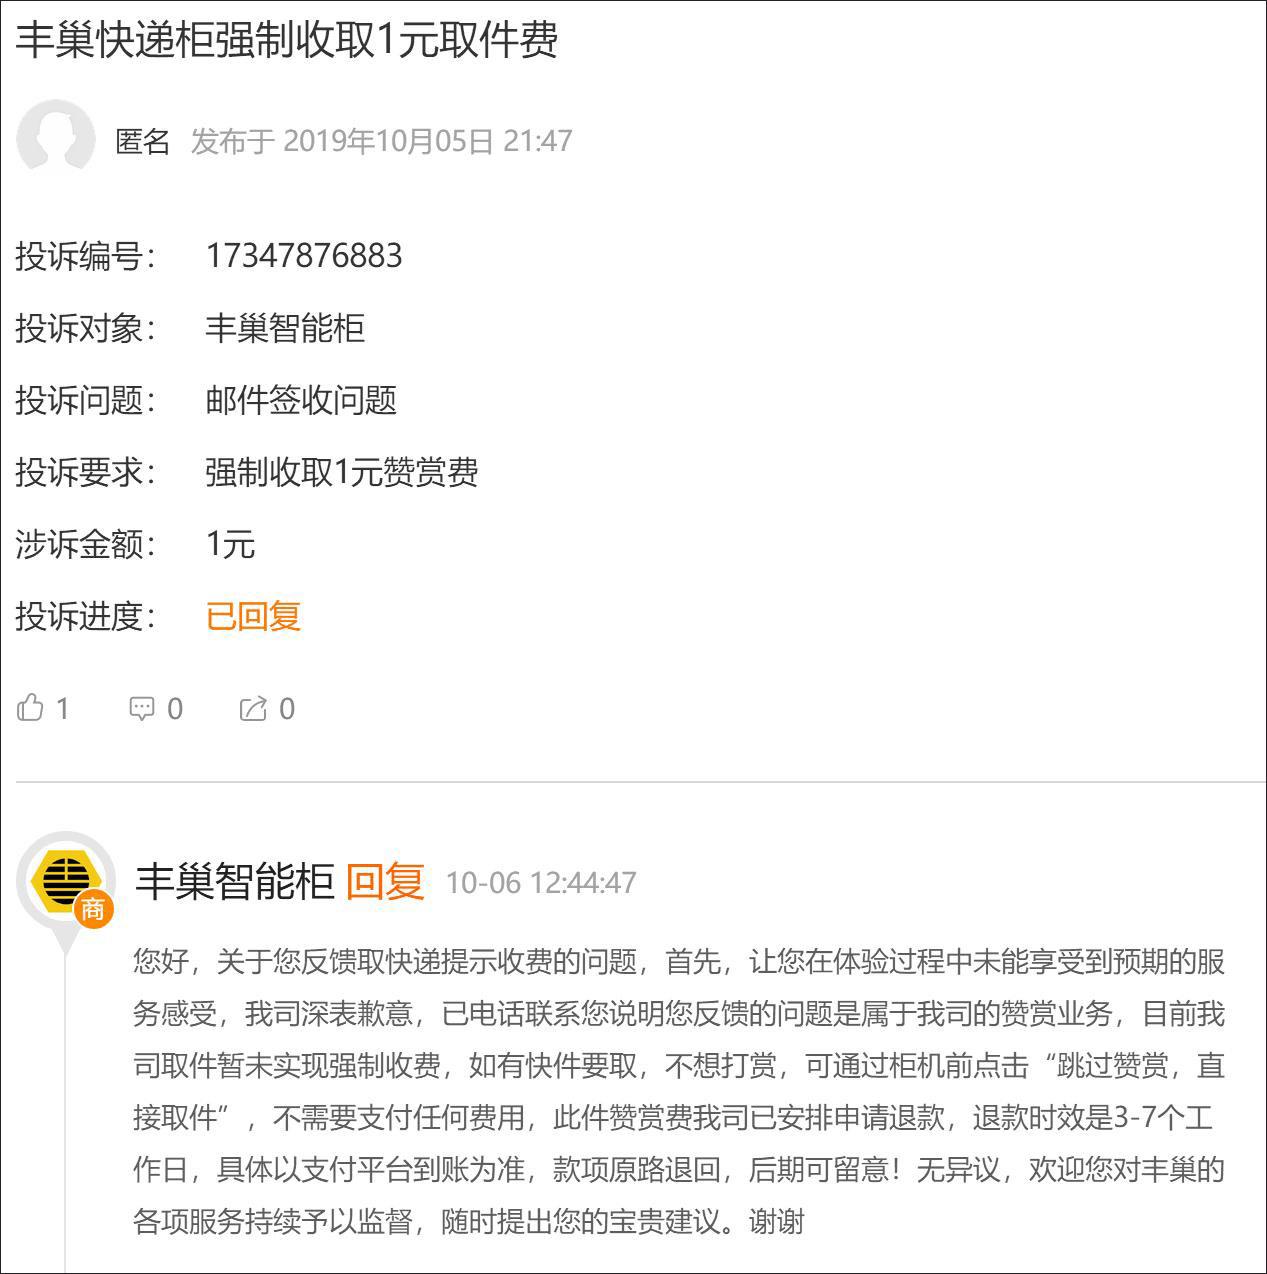 """西四包子铺再招""""李鬼""""真假未定 成网红后商标存争议"""